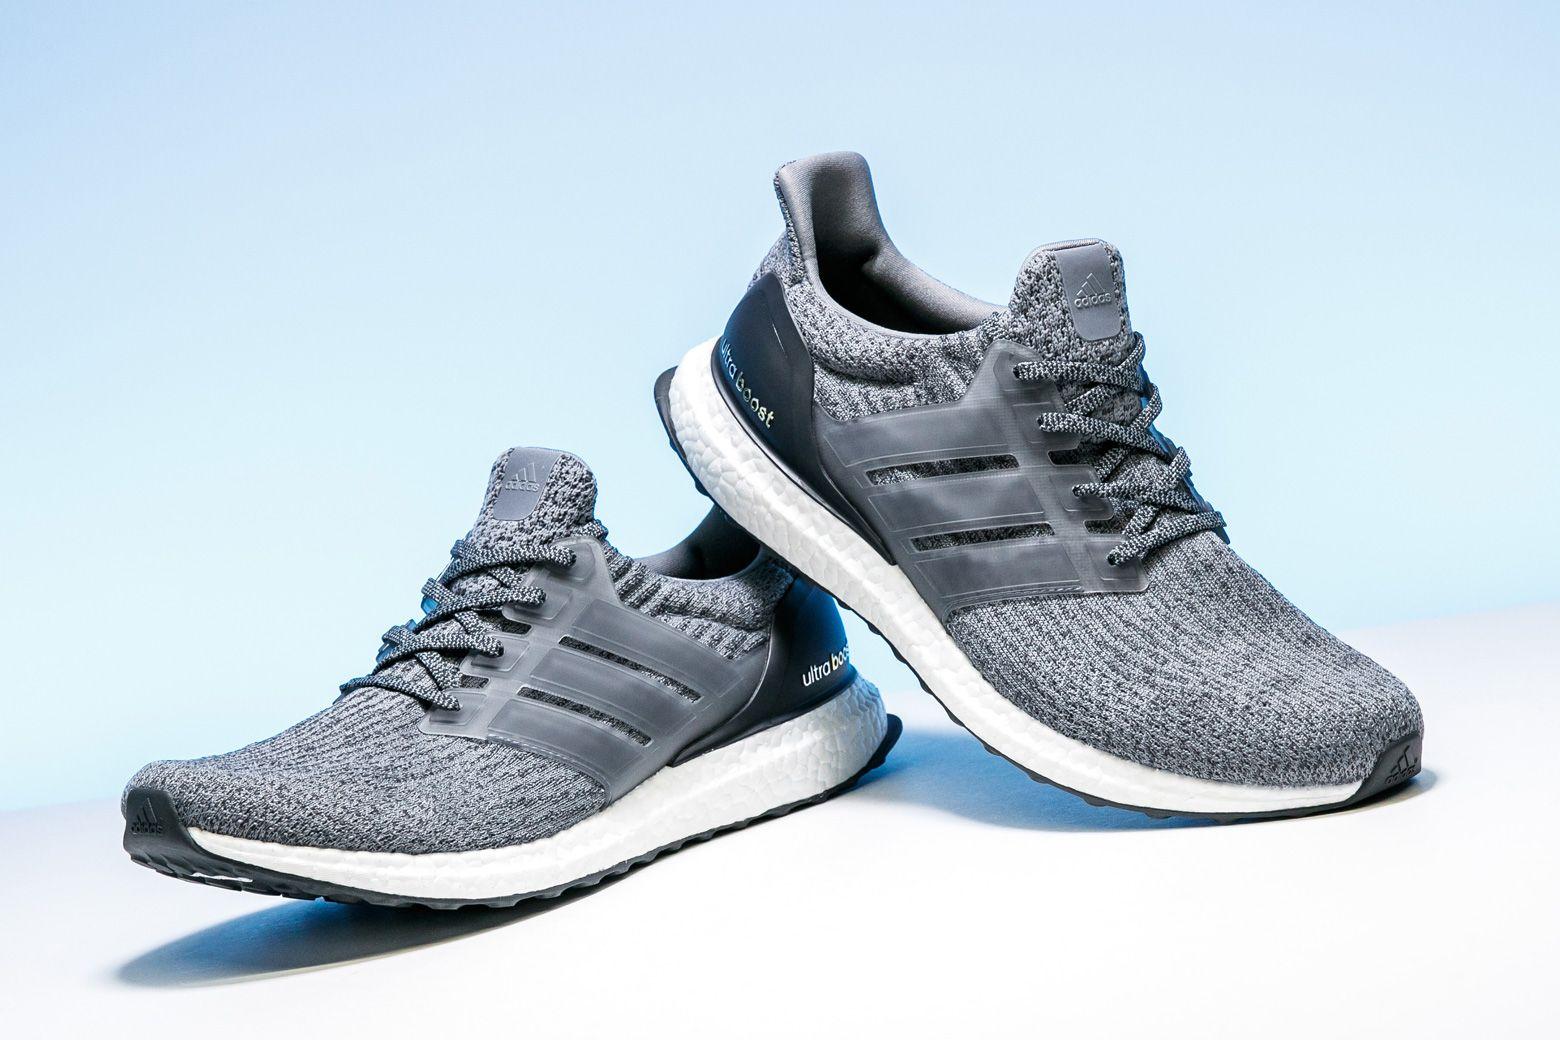 Ultraboost ultraboost, collezione di scarpe e adidas